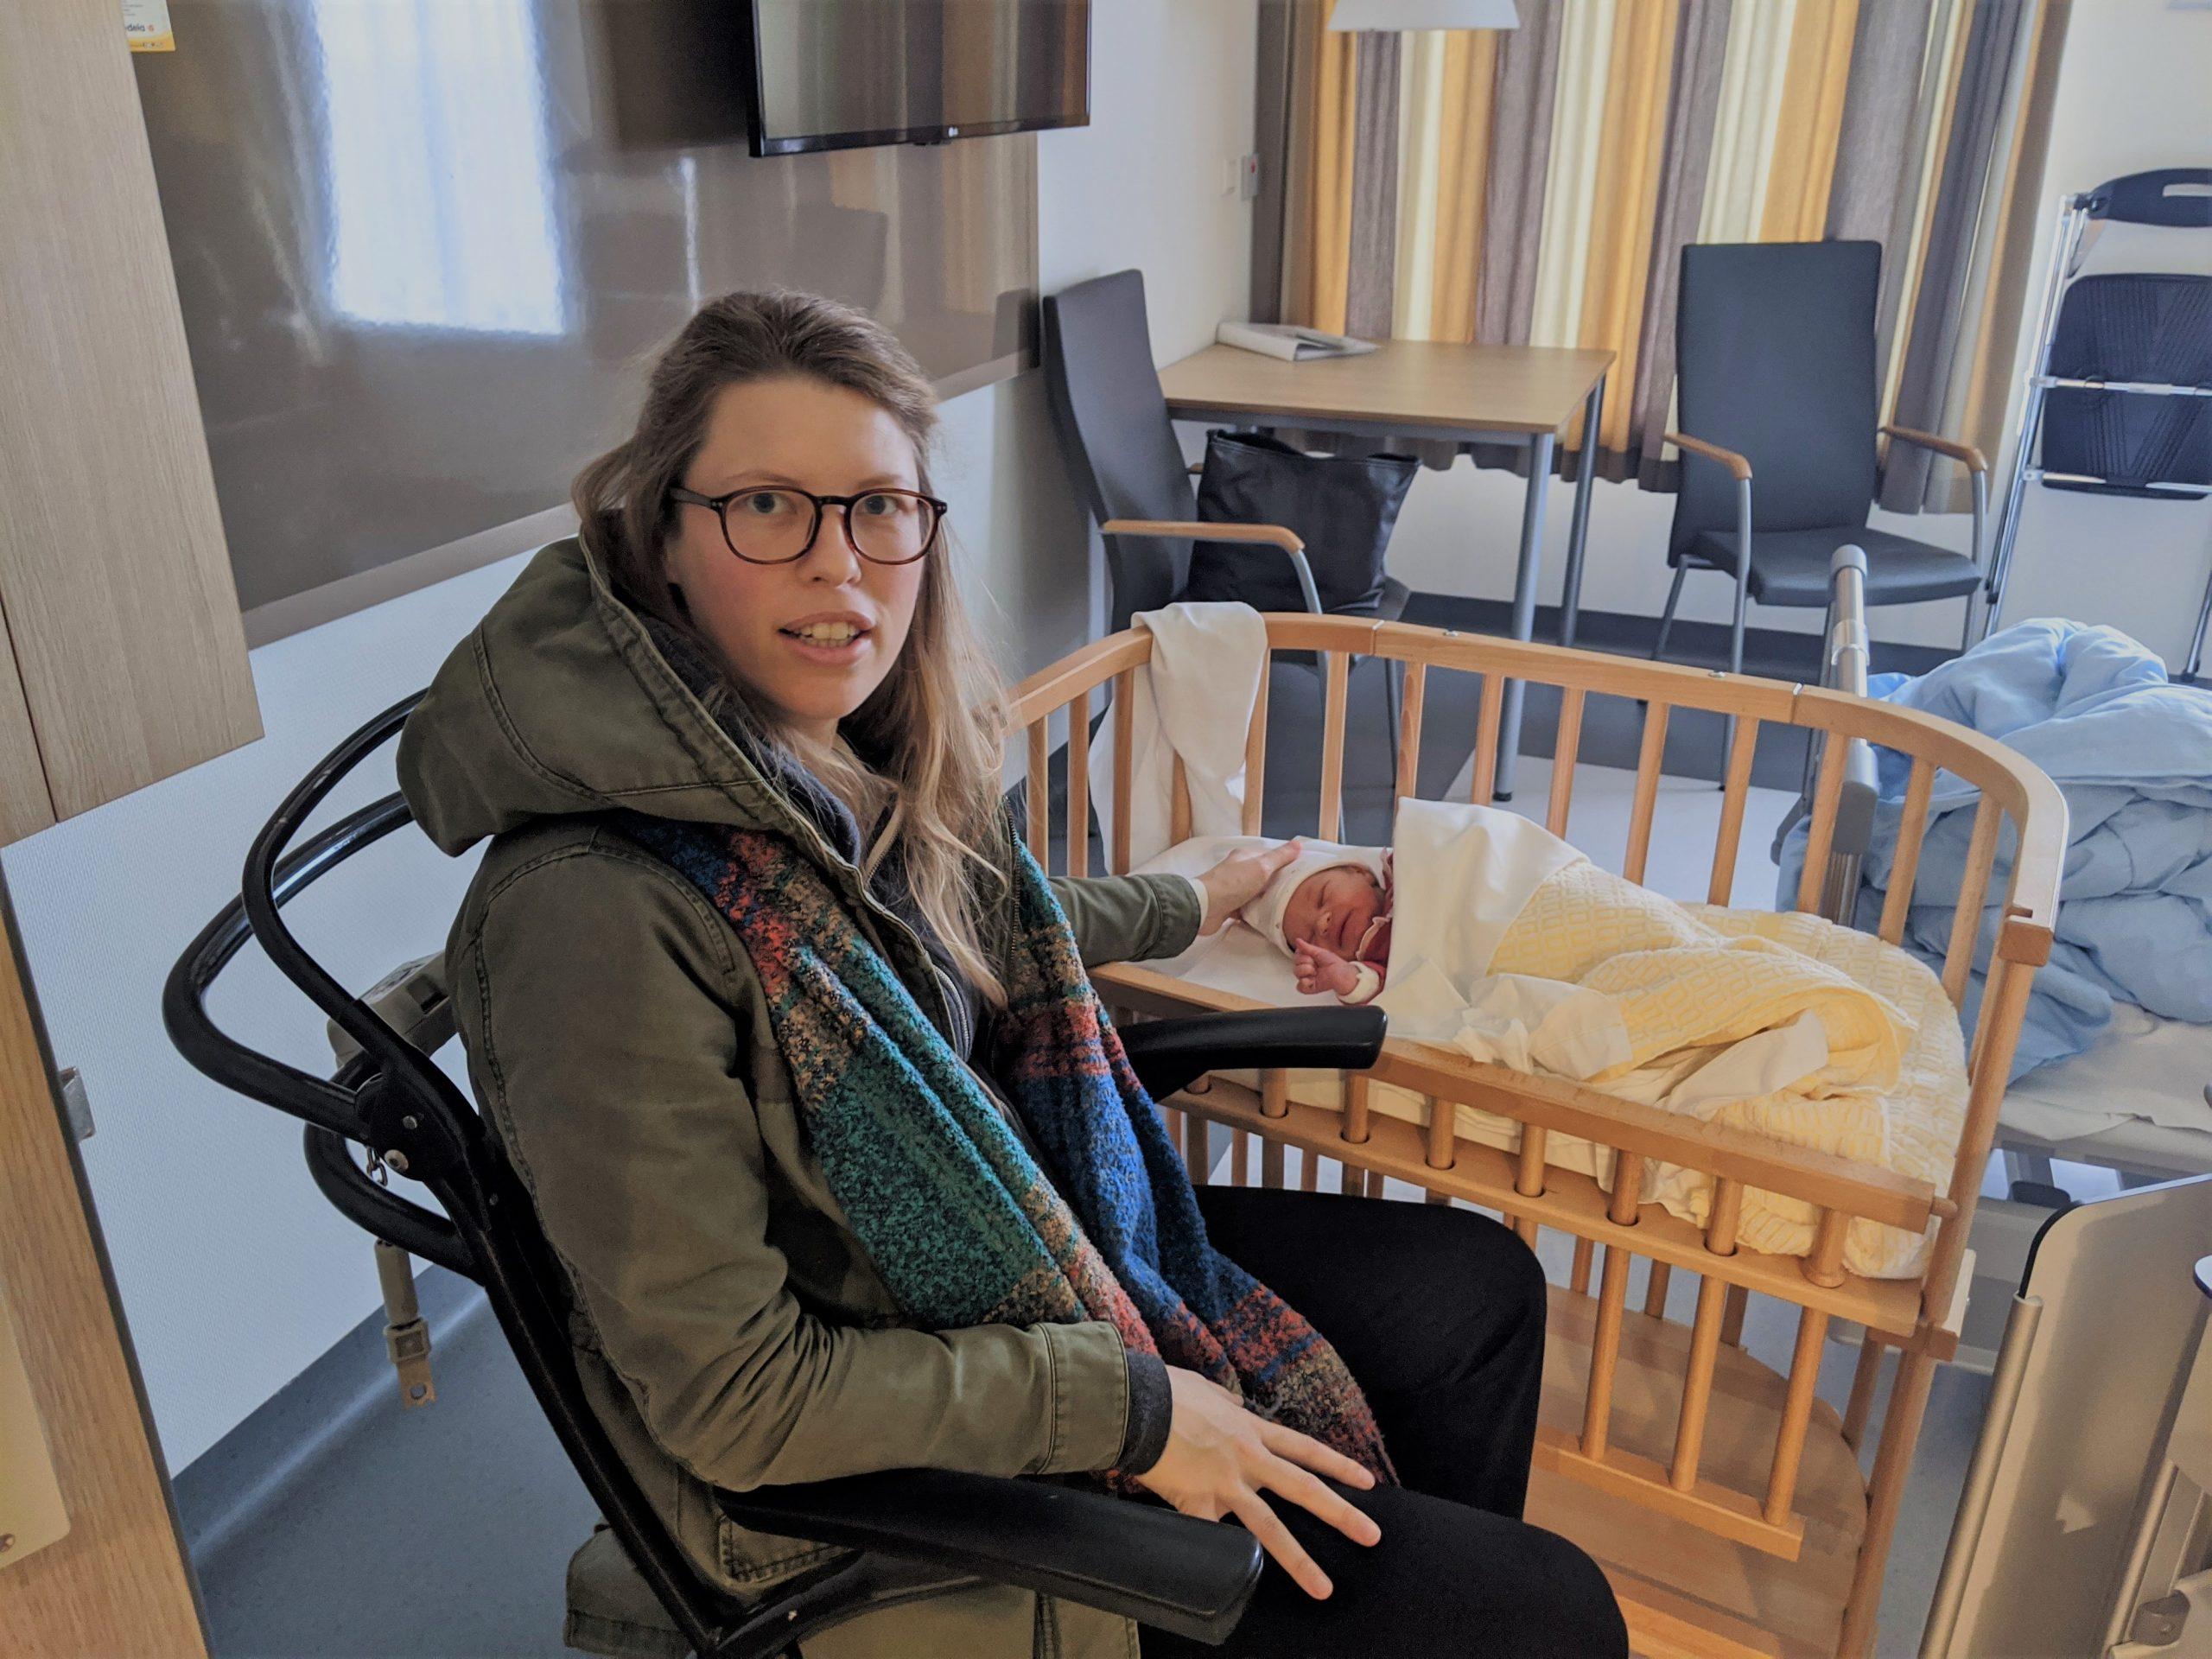 zorgverzekering ziekenhuis overstappen zwangerschap bevalling